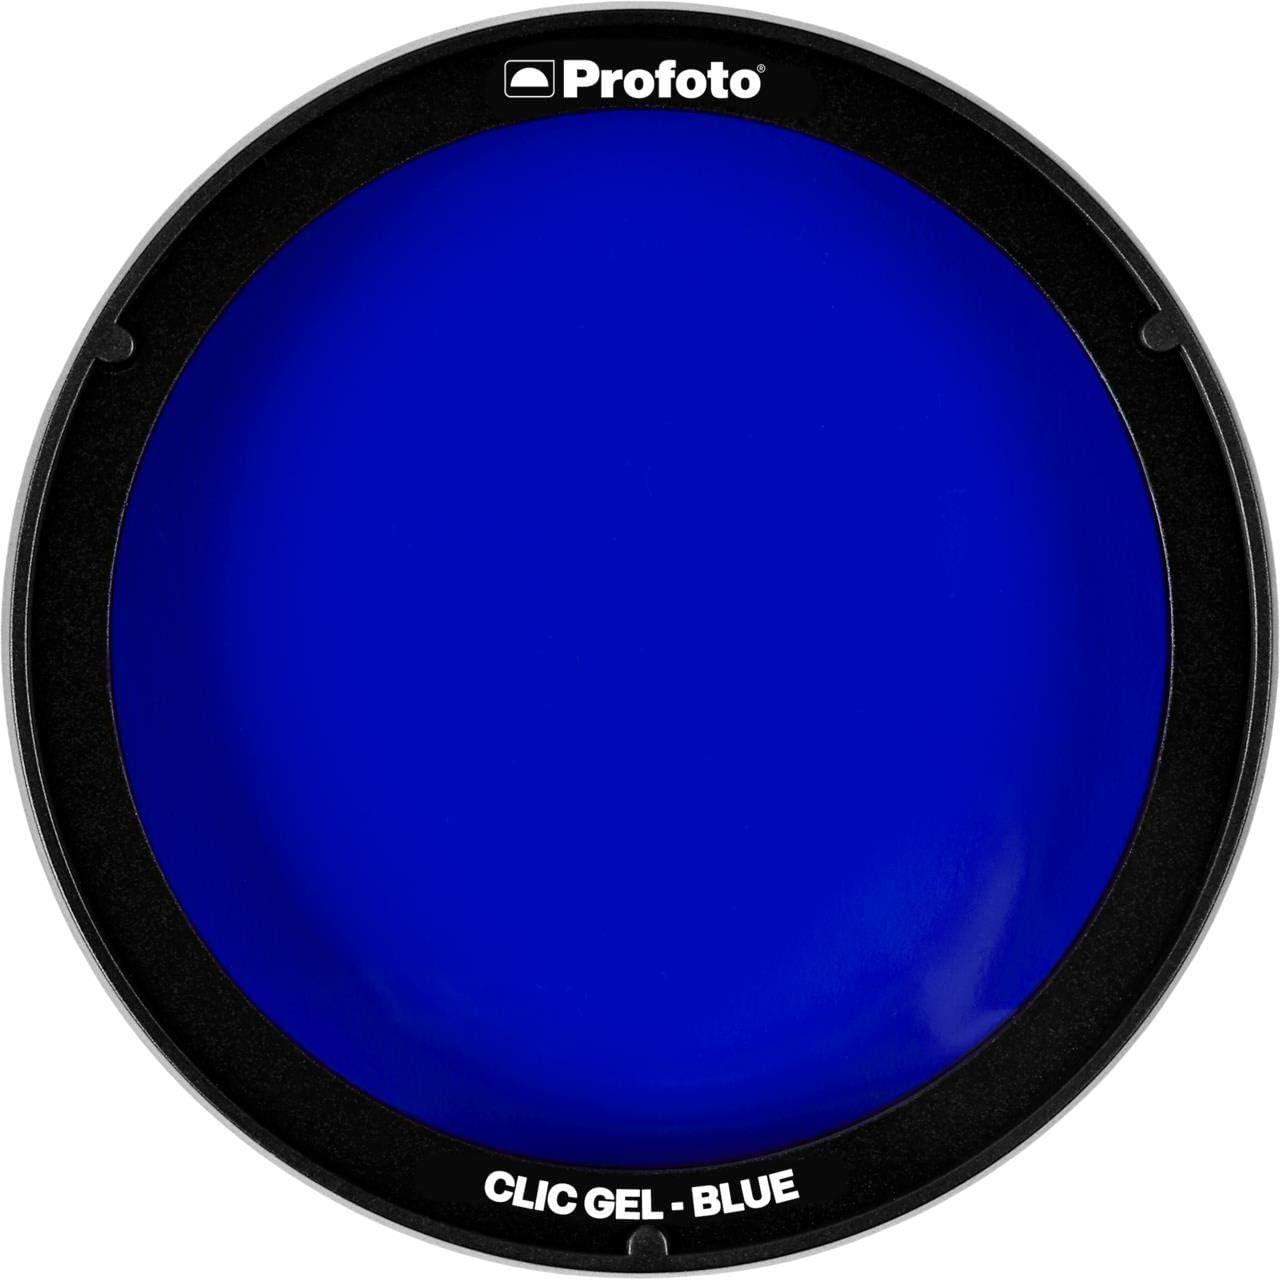 Clic Gel-Azul